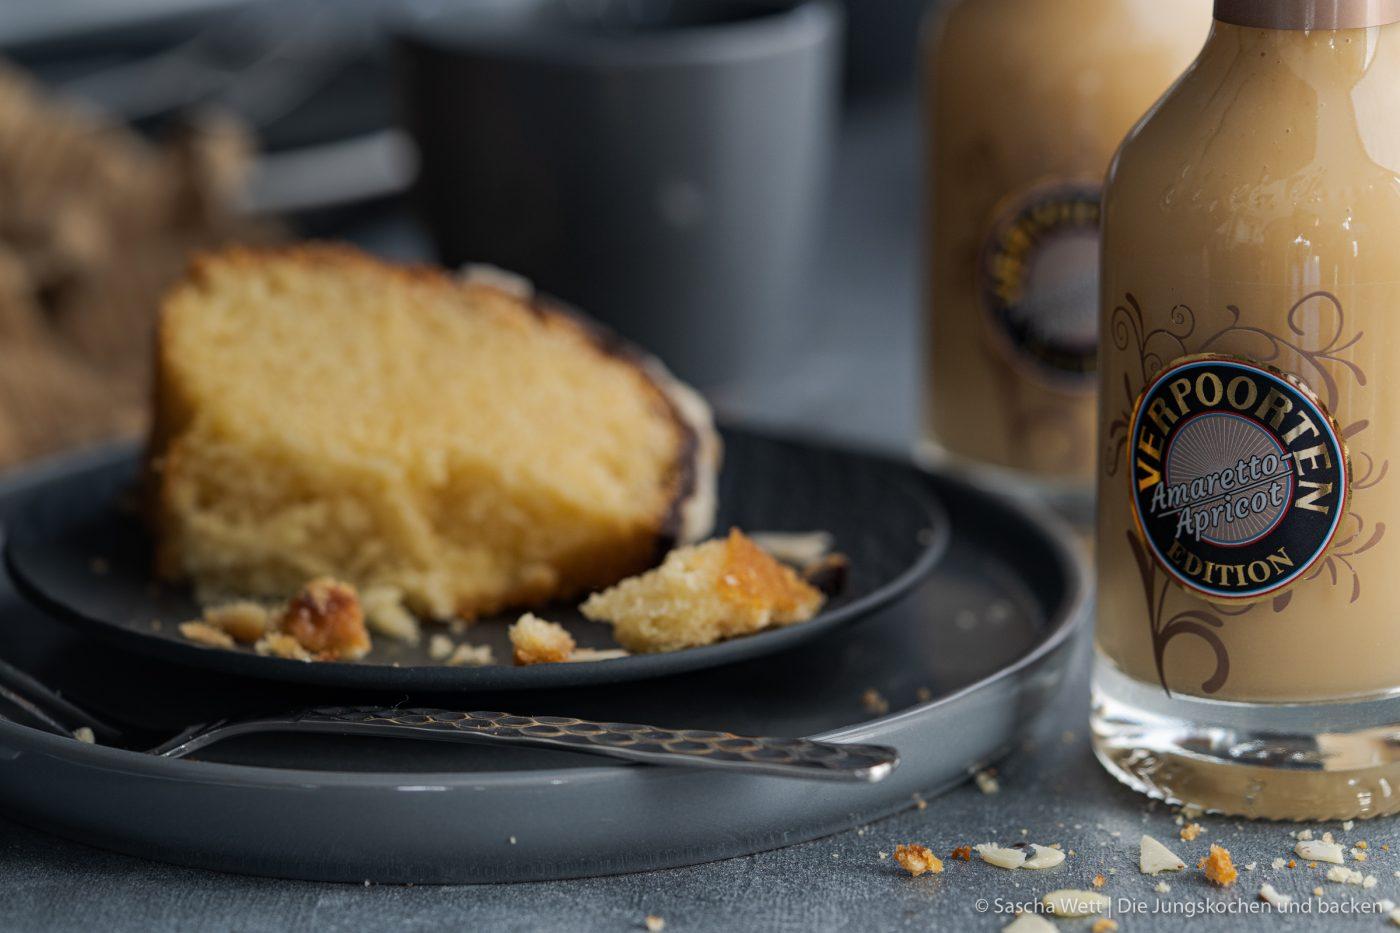 Apricot Amaretto Eierlikörkuchen verpoorten 11 | Heute haben wir eine Variante eines eurer absoluten Blog-Lieblinge dabei! Unseren super saftigen Eierlikörkuchen habt ihr schon etliche Male nachgebacken und wir sind immer wieder super happy über euer tolles Feedback. Gerade bei diesen All-Time-Favorite Rezepten wandeln wir gerne auch mal ein wenig ab und versuchen, etwas Neues mit ins Rezept zu bringen. Dieses Mal haben wir uns dafür mit unserem Partner VERPOORTEN zusammengetan und zeigen euch einen genialen Eierlikörkuchen mit Amaretto-Apricot.